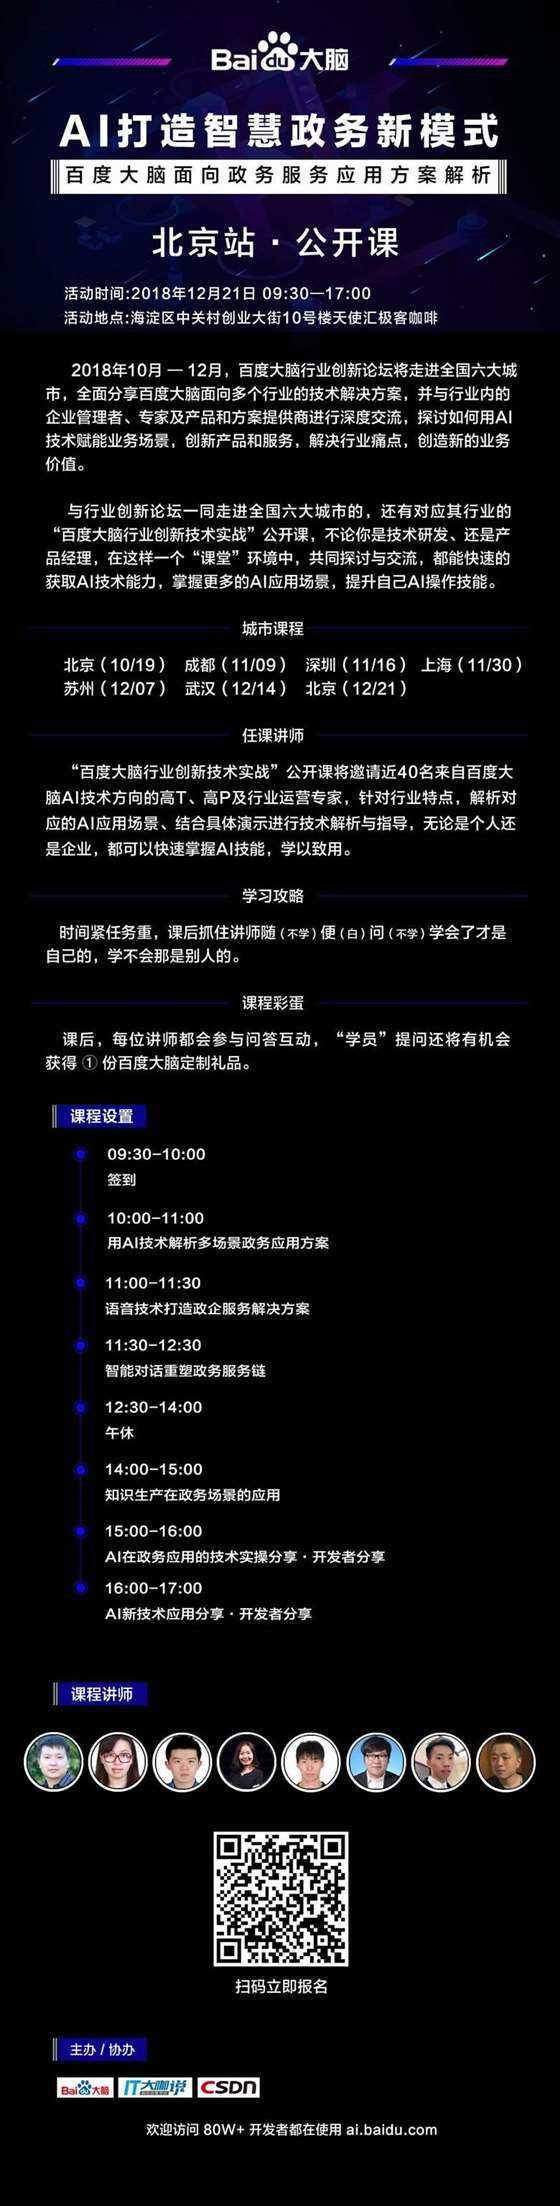 北京站宣传长图V1.jpg